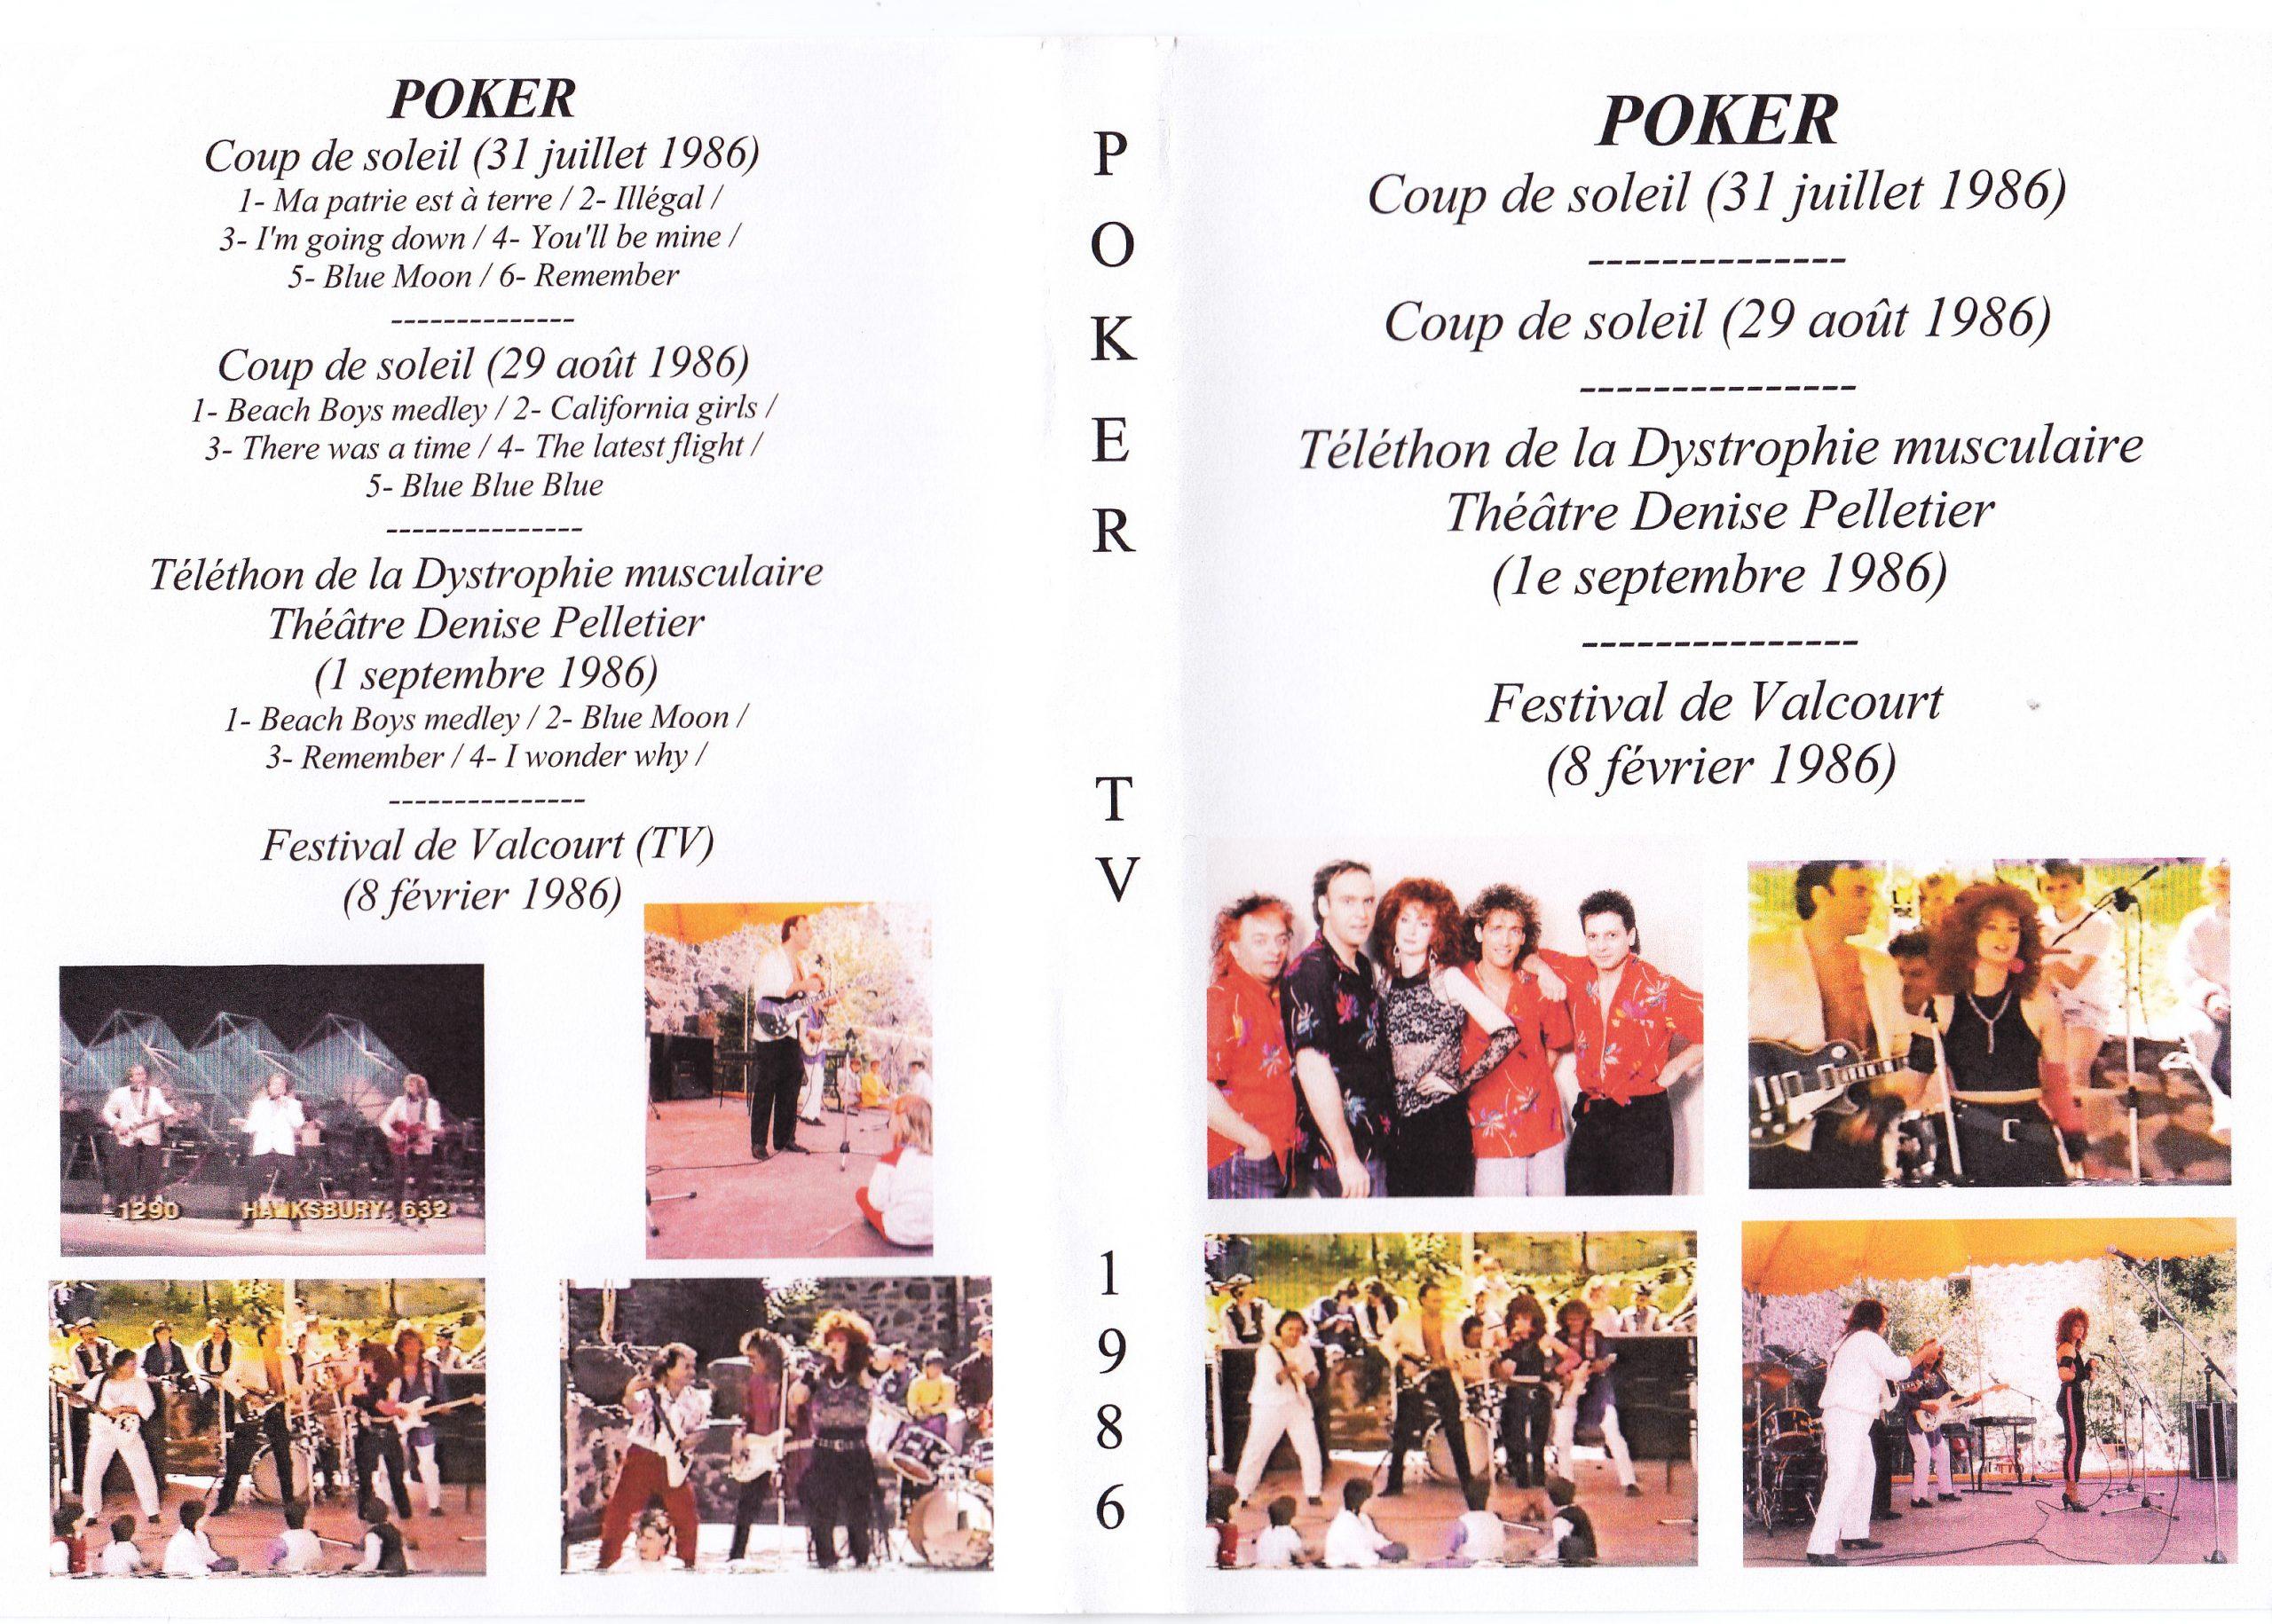 1986-poker-tv-telethon-festival